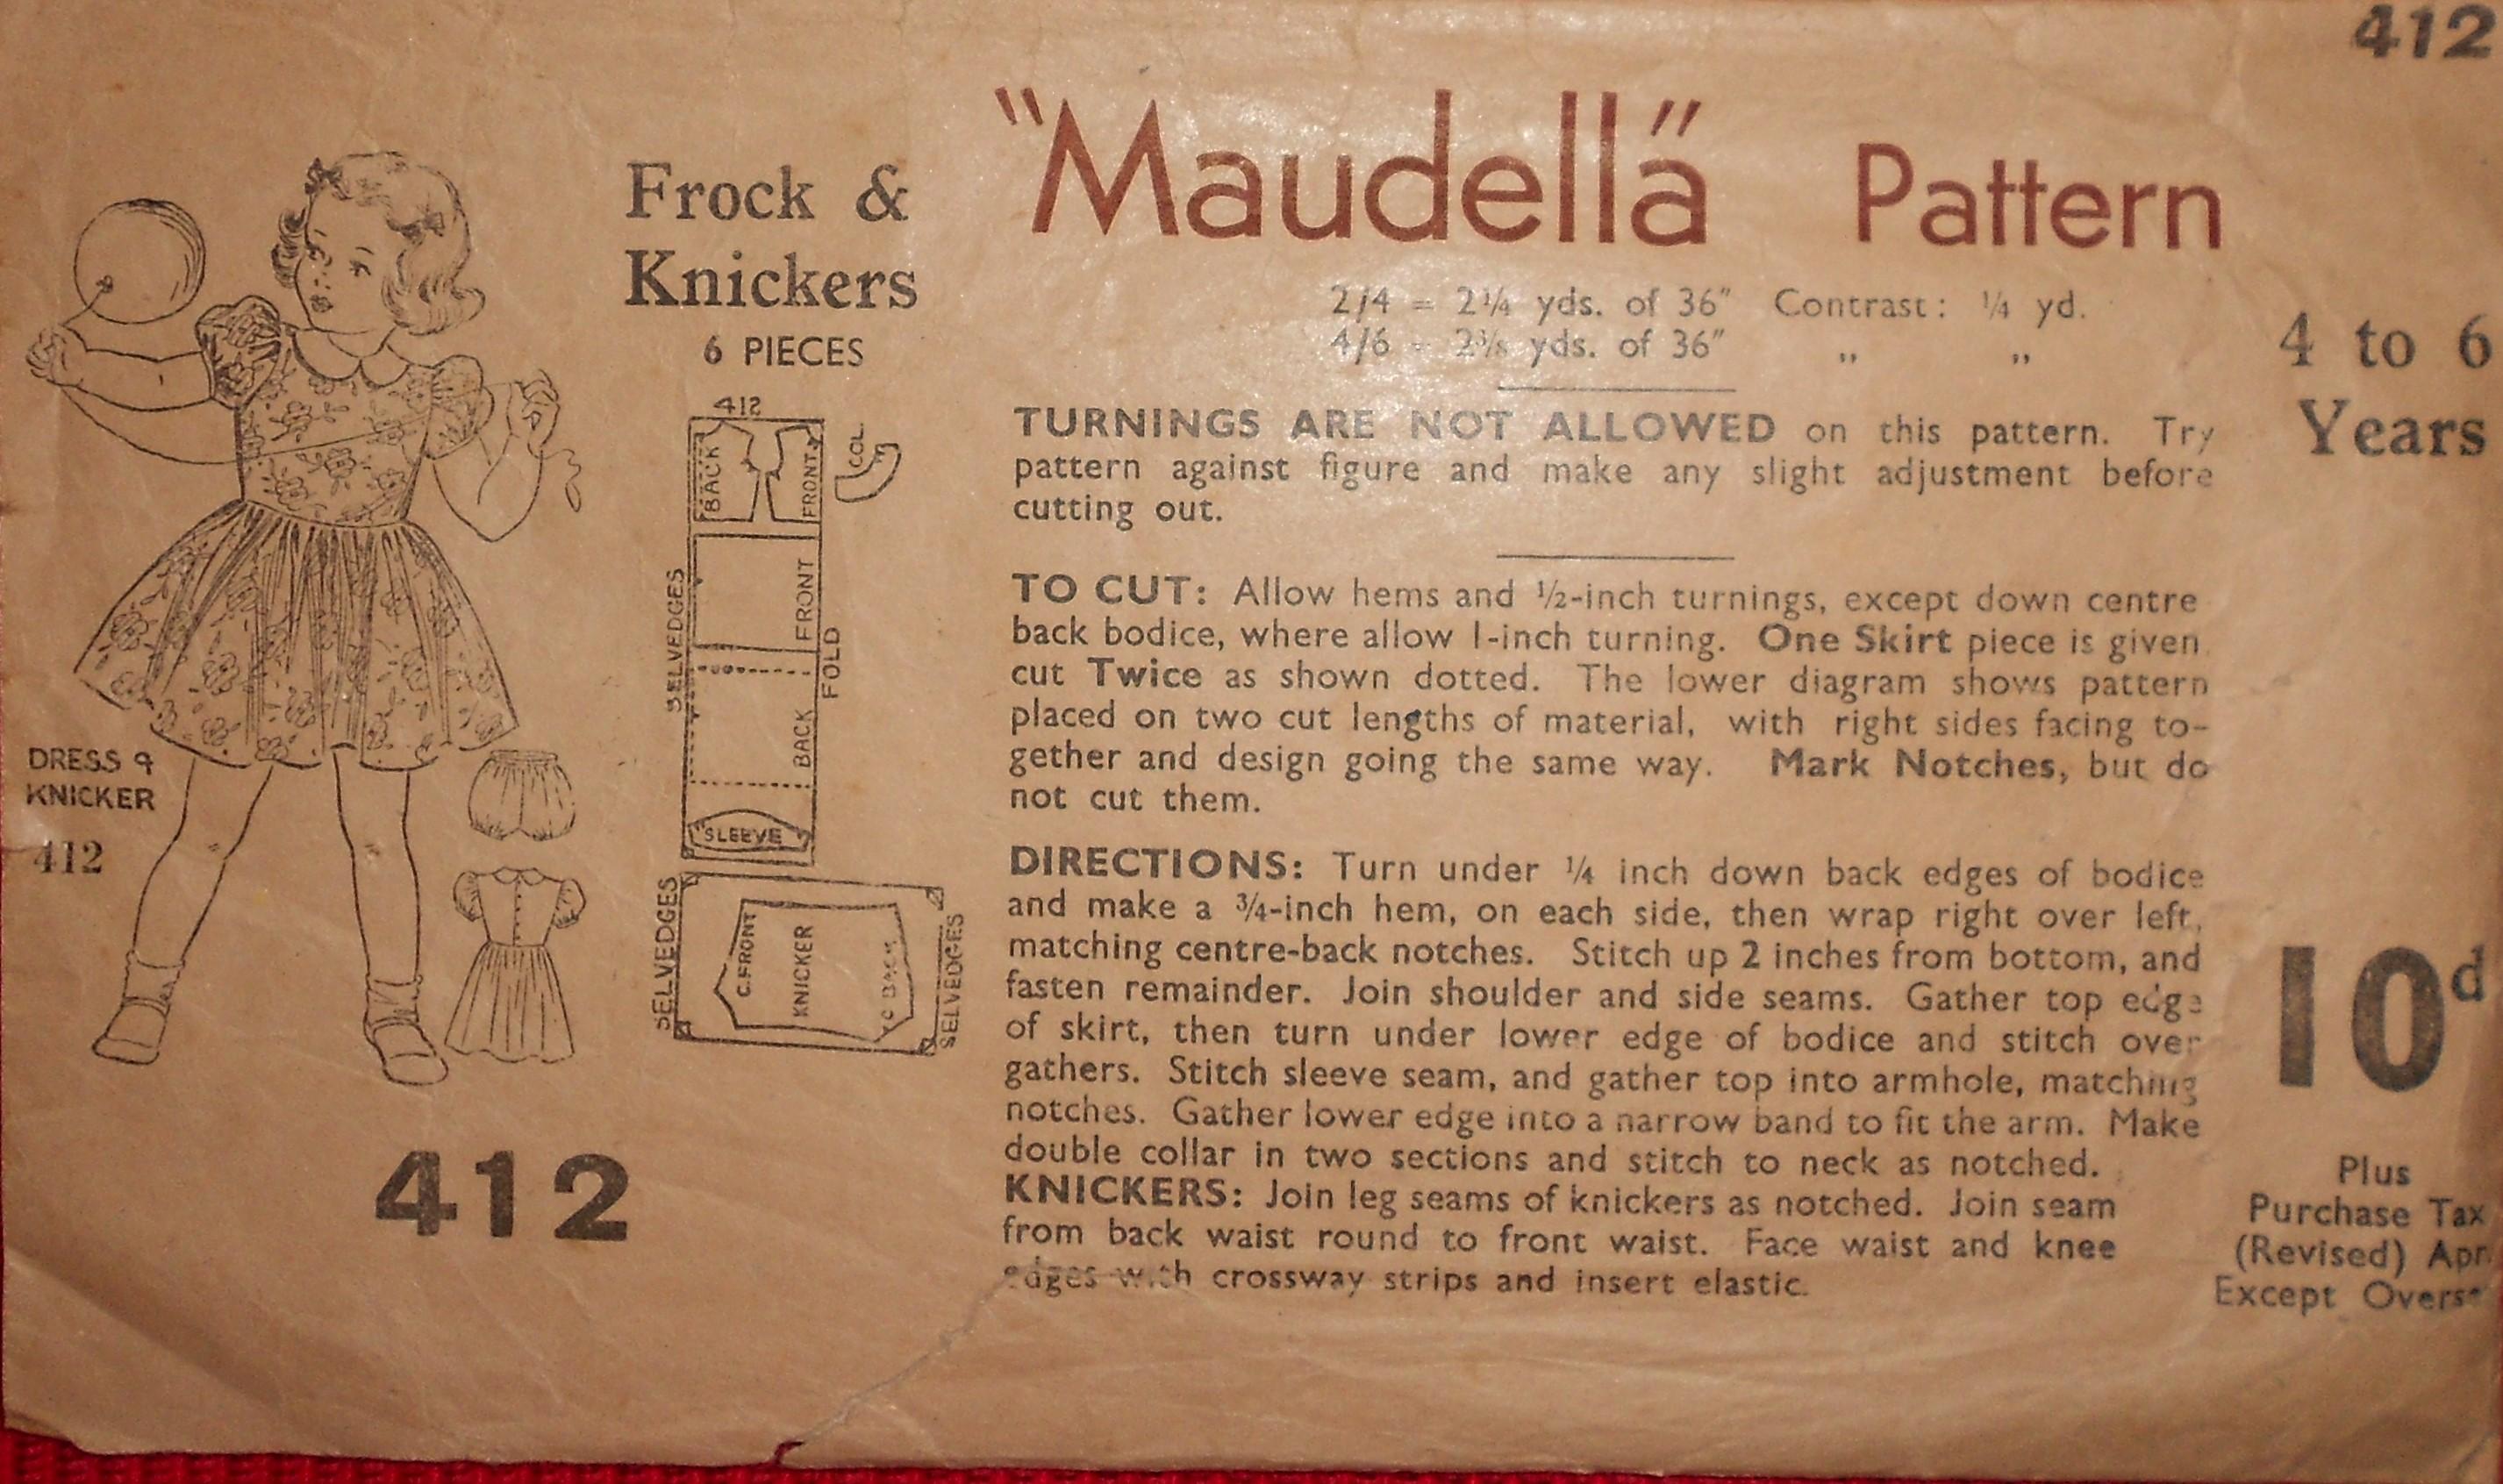 Maudella 412